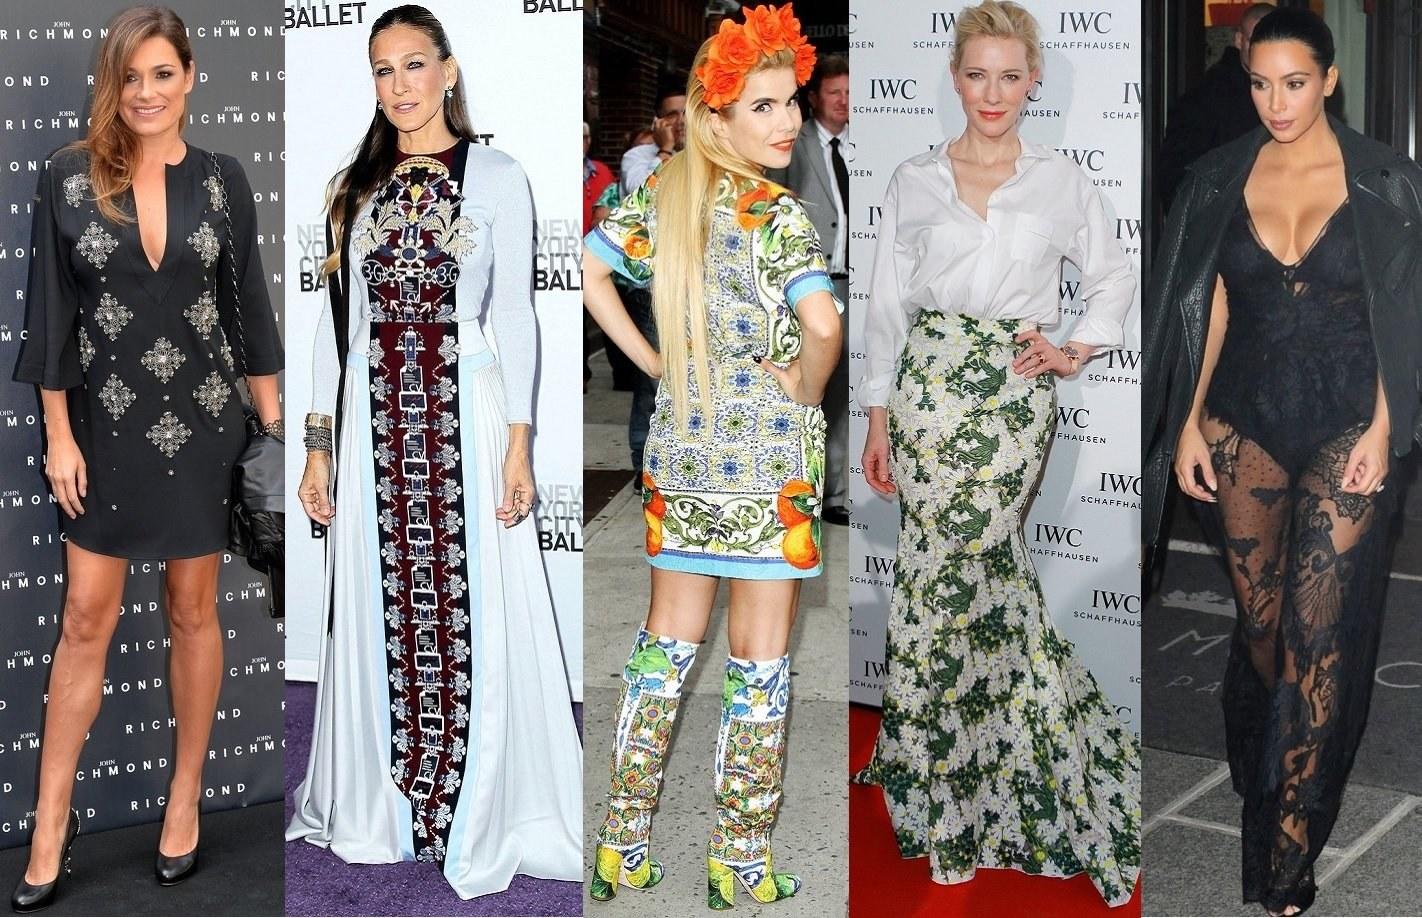 Nejkrásnější i nejstrašlivější outfity uplynulého týdne!